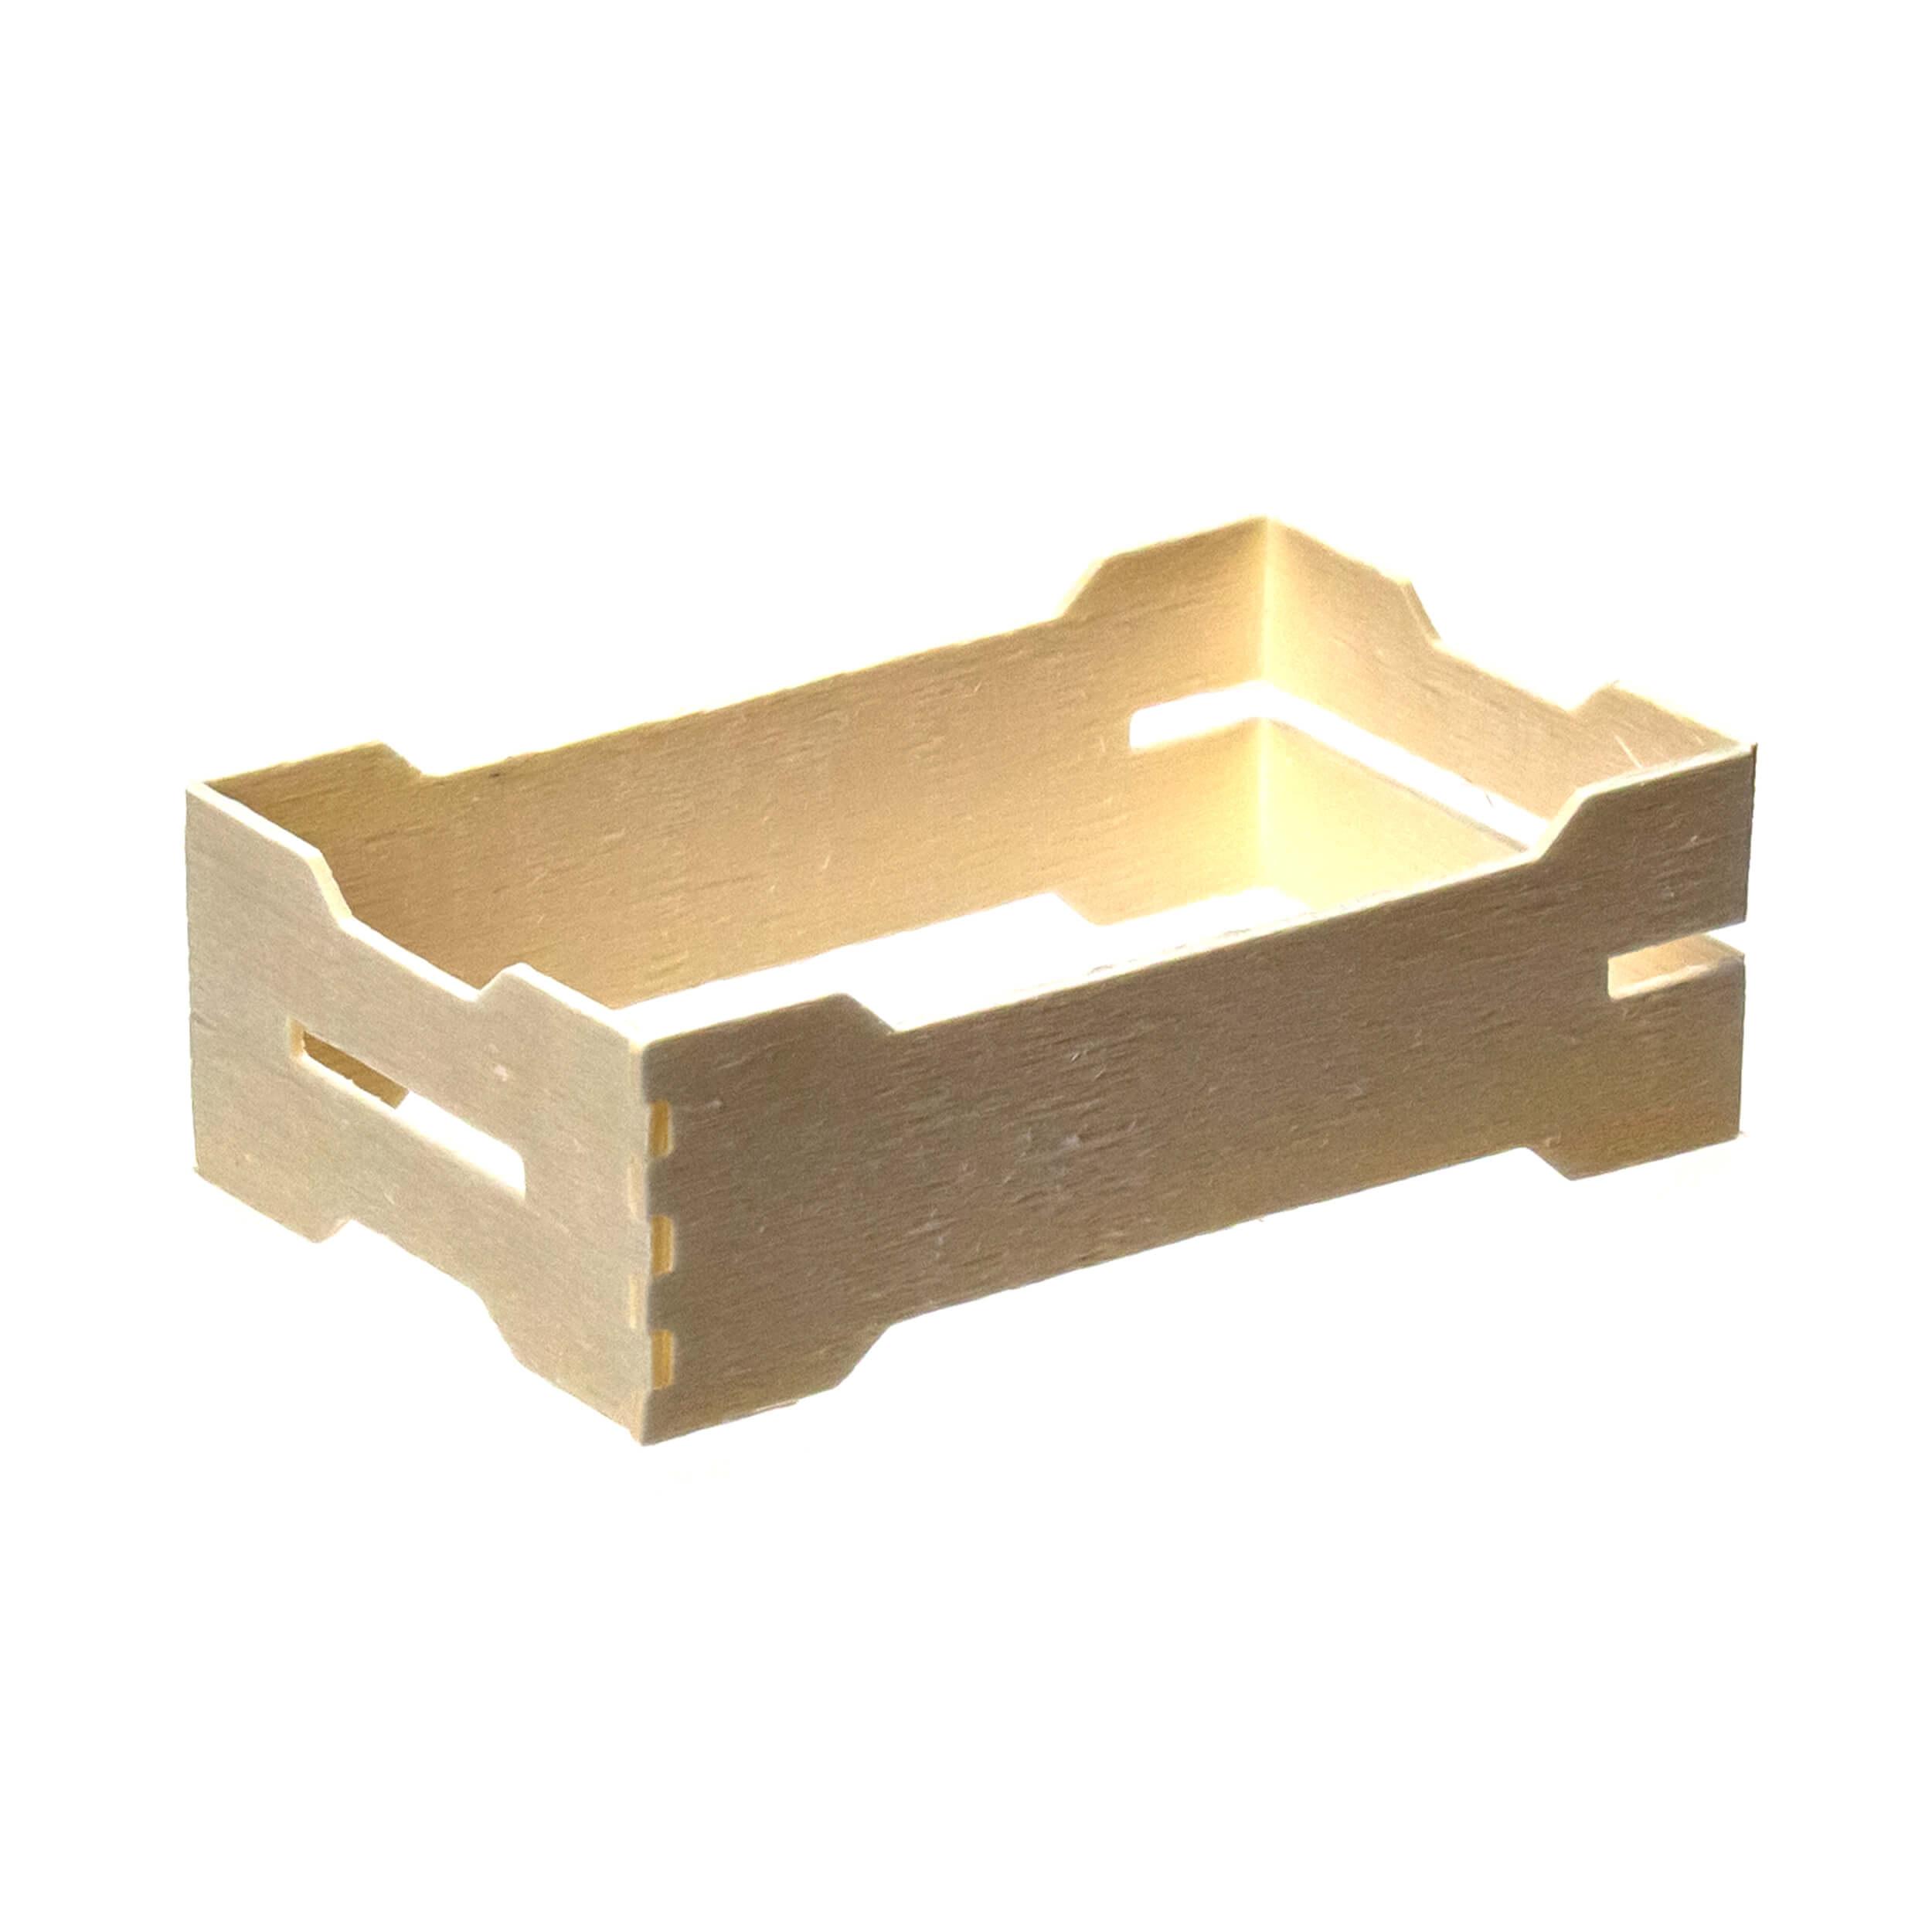 Мини рамка секционная для сотового меда (67х115х37 с верхними пазами, дерево, упаковка 50 штук) фото